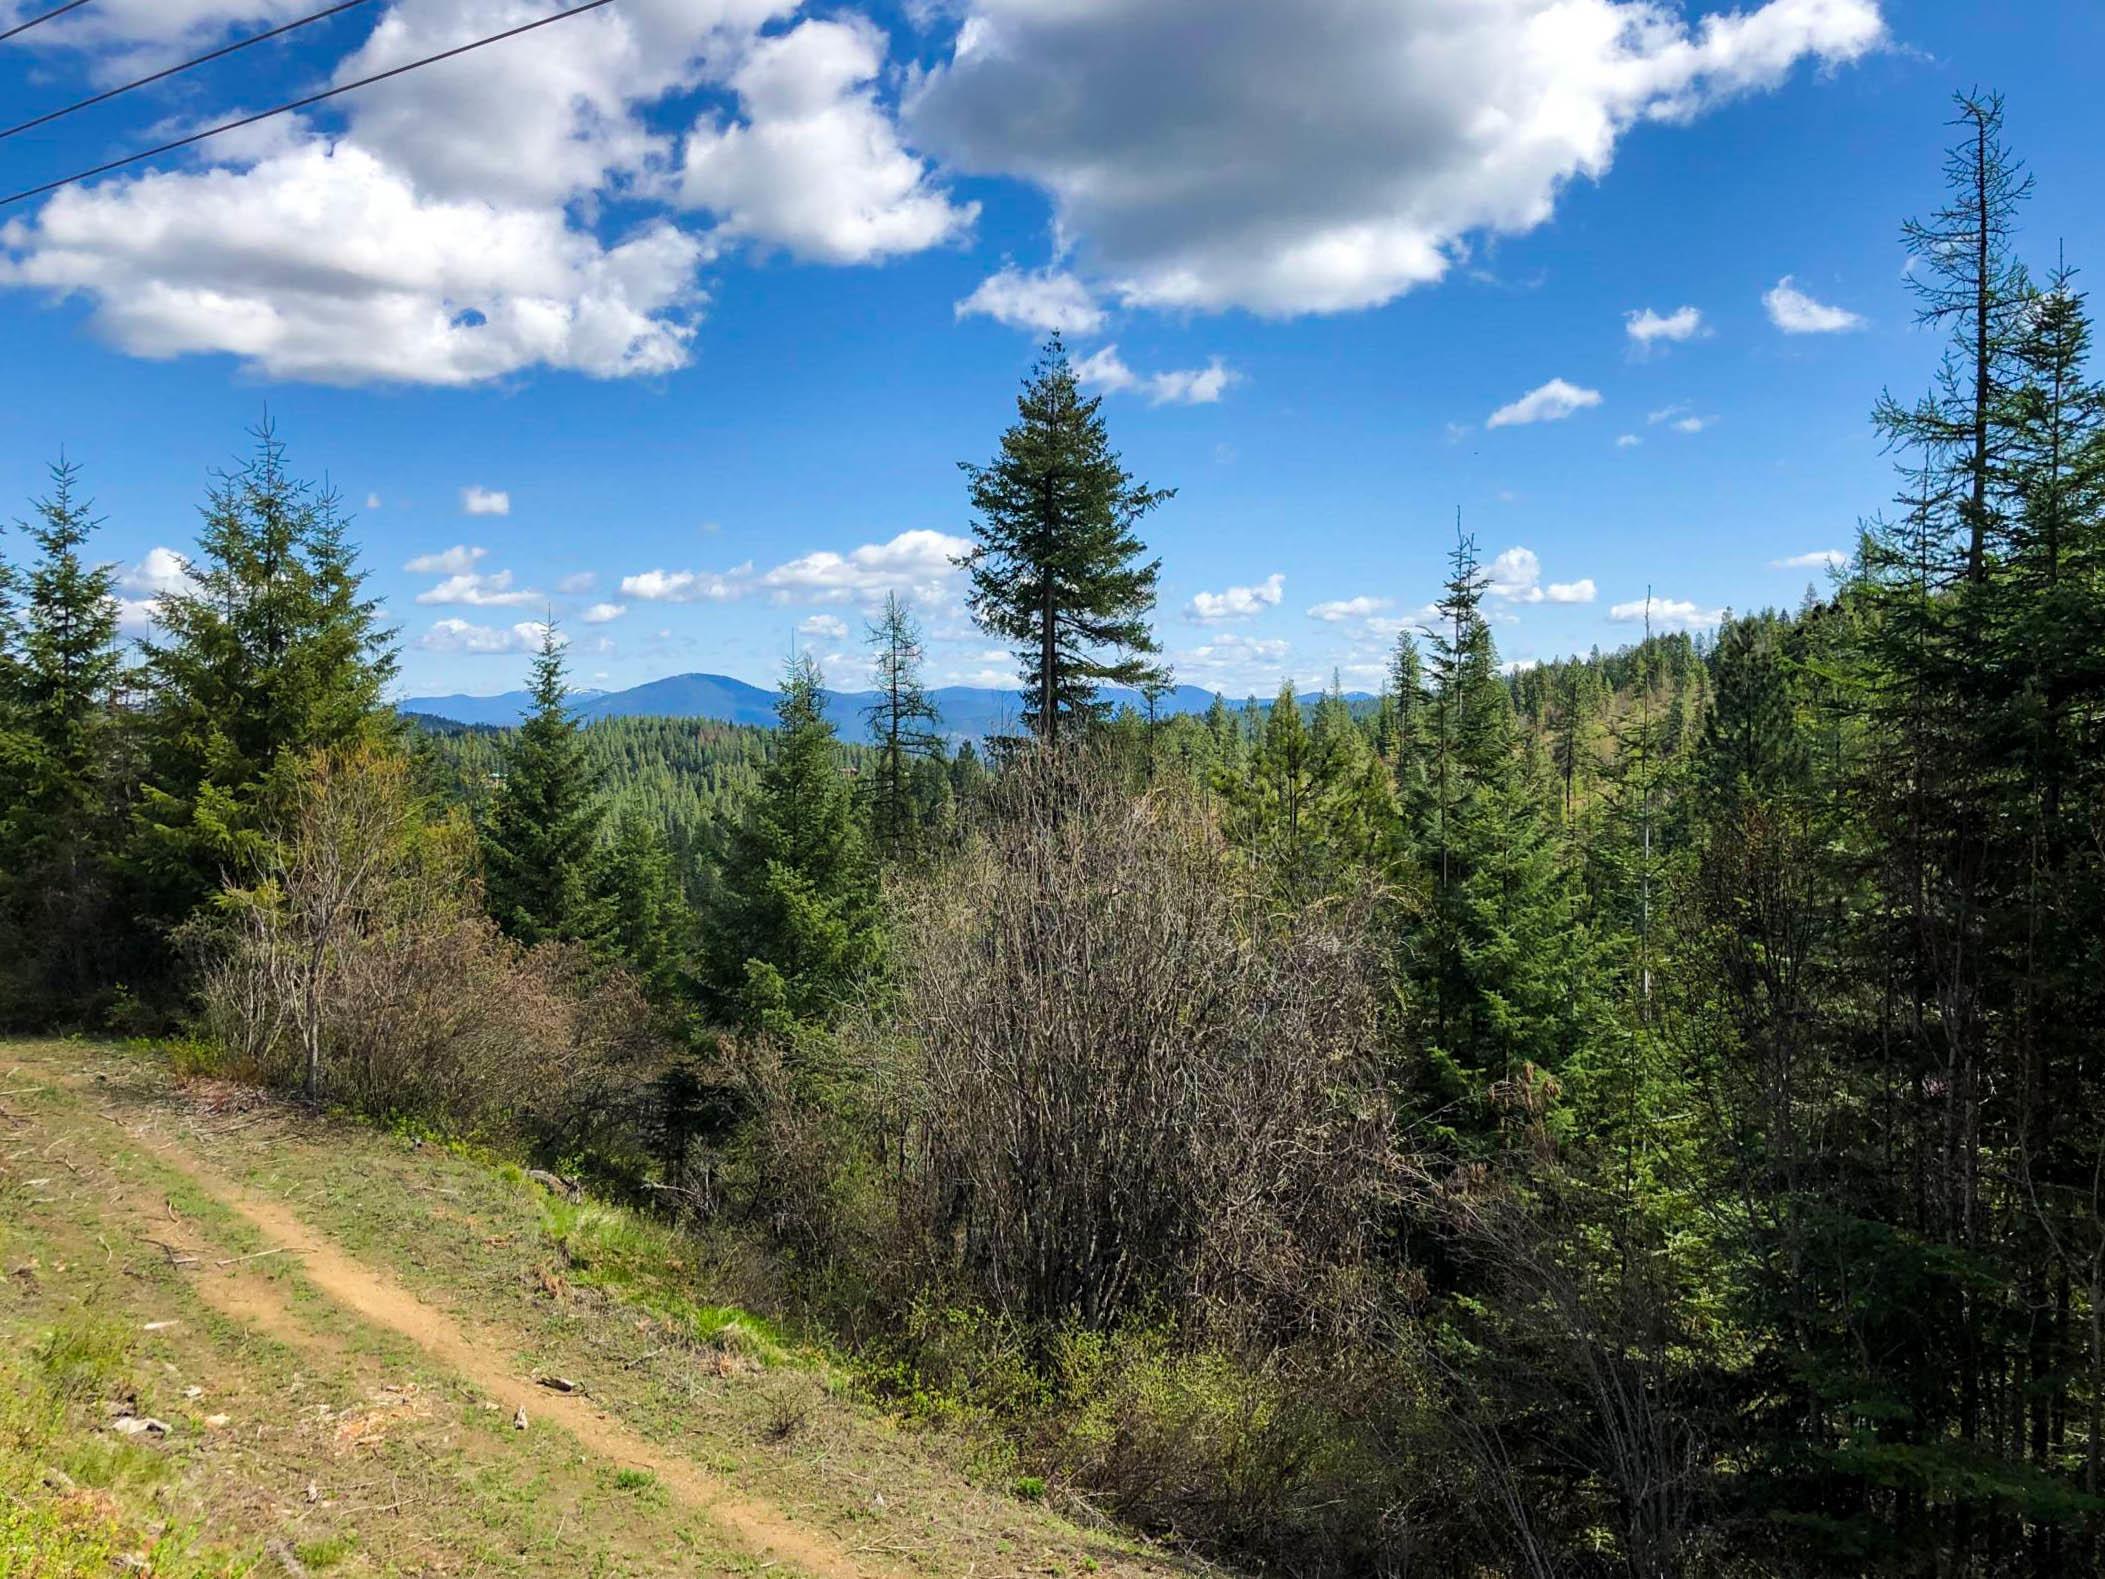 photo of S MOOSE CANYON RD Coeur d'Alene Idaho 83814